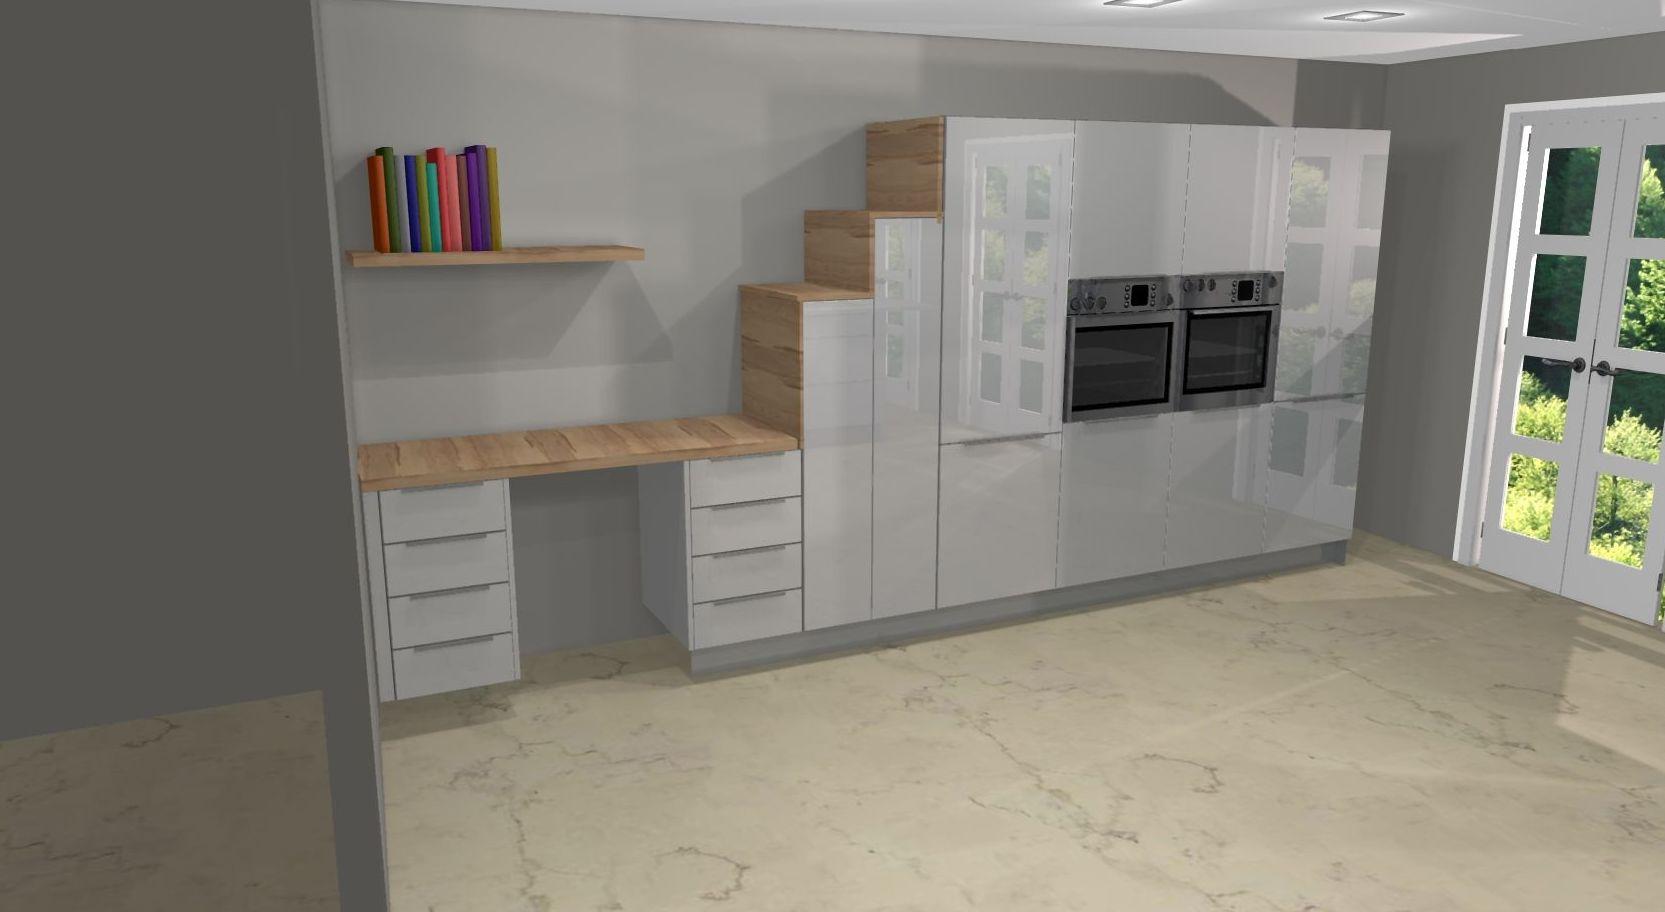 Foto 21 de Muebles de baño y cocina en Santa Cruz de Tenerife | Sonmax Interiores